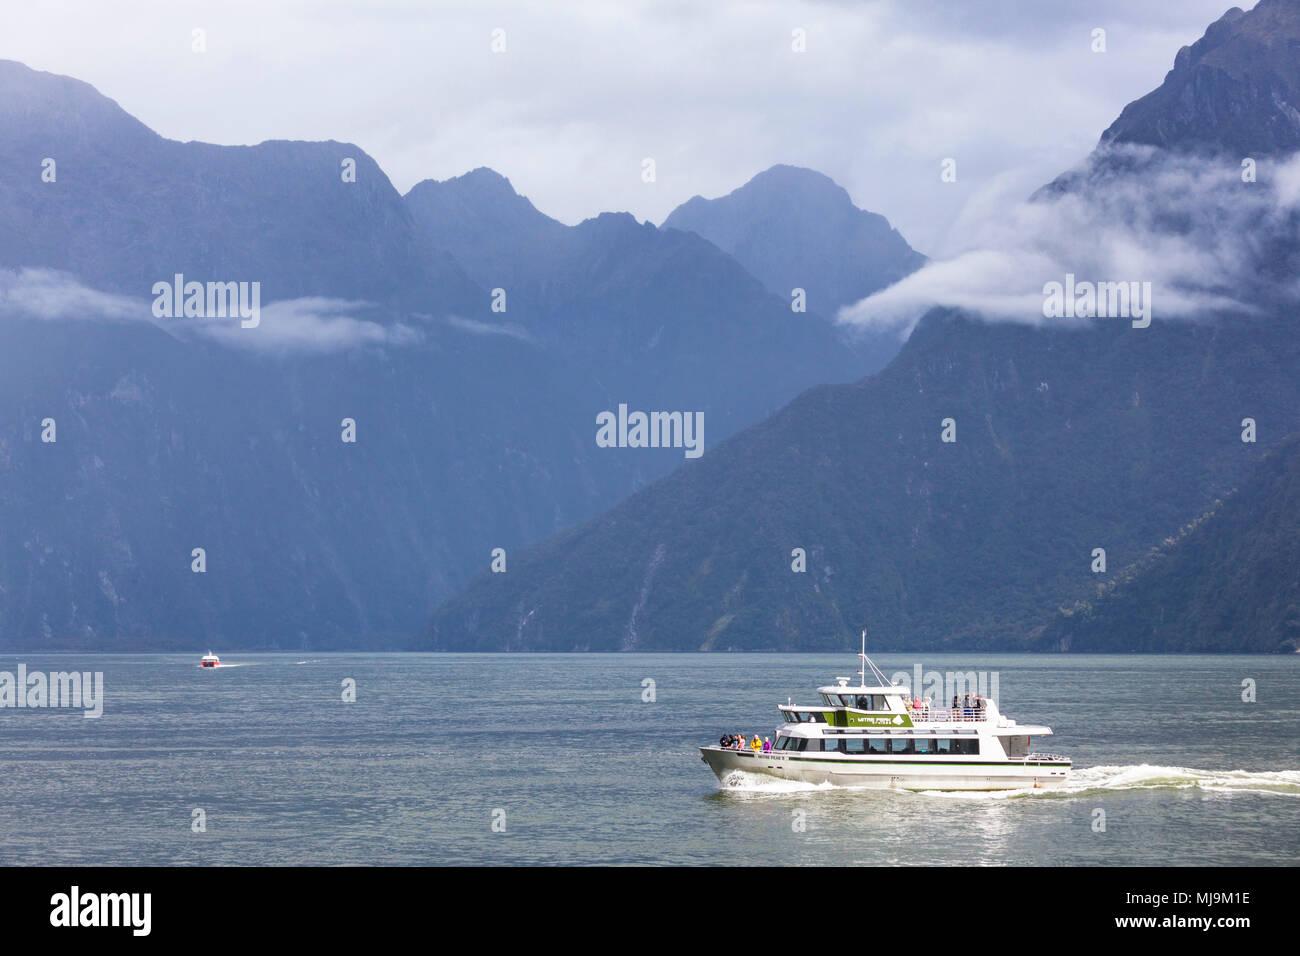 Nouvelle-zélande Milford Sound Milford Sound en bateau sur le Milford Sound les touristes de revenir au terminal des croisières Milford Sound Nouvelle-Zélande Île du Sud nz Photo Stock